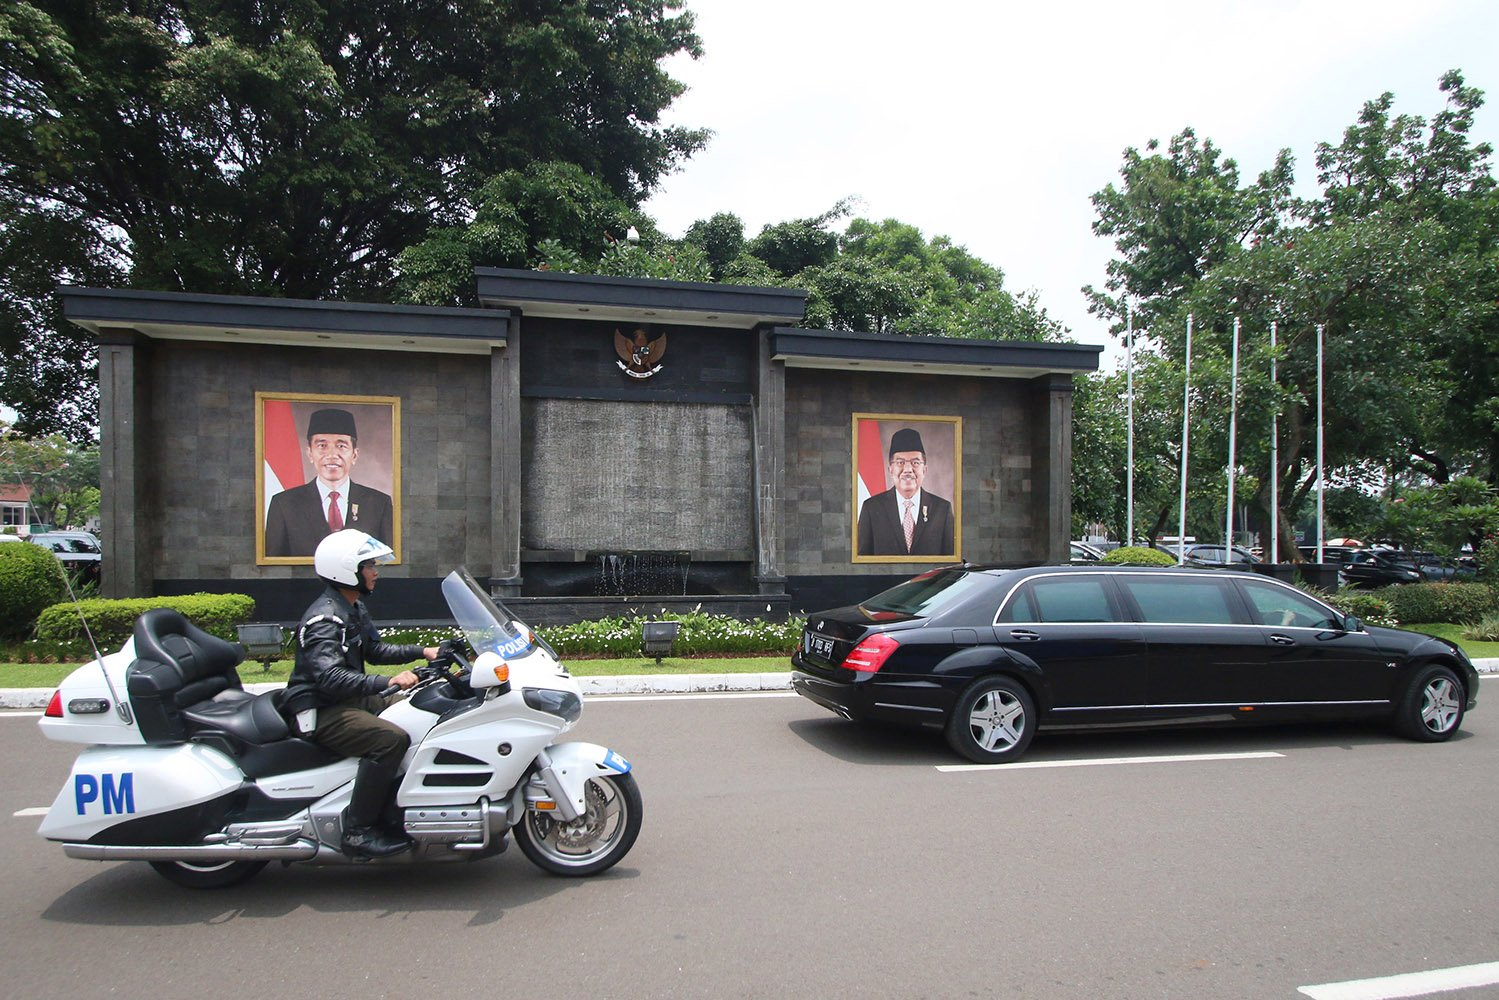 Pasukan Pengamanan Presiden (Paspampres) menggelar geladi bersih pengamanan kedatangan Raja Arab Saudi, Raja Salman bin Abdul Aziz, di Bandara Halim Perdanakusuma, Jakarta, Sabtu (25/2). Raja Salman bin Abdul Aziz akan berkunjung ke Indonesia pada 1 Maret 2017 mendatang dengan membawa 1.500 rombongan.